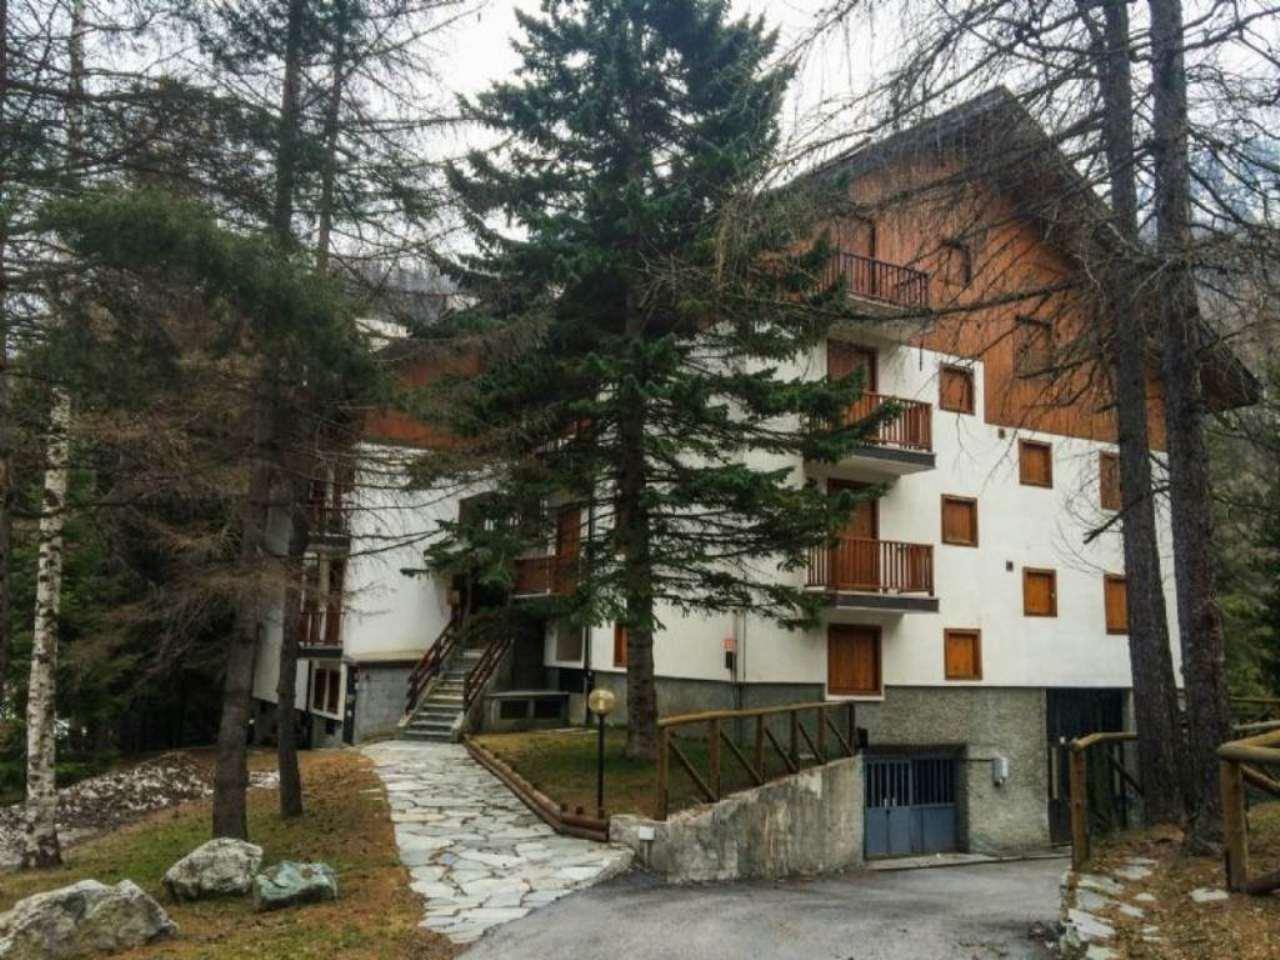 Appartamento in vendita a Claviere, 6 locali, prezzo € 340.000 | Cambio Casa.it